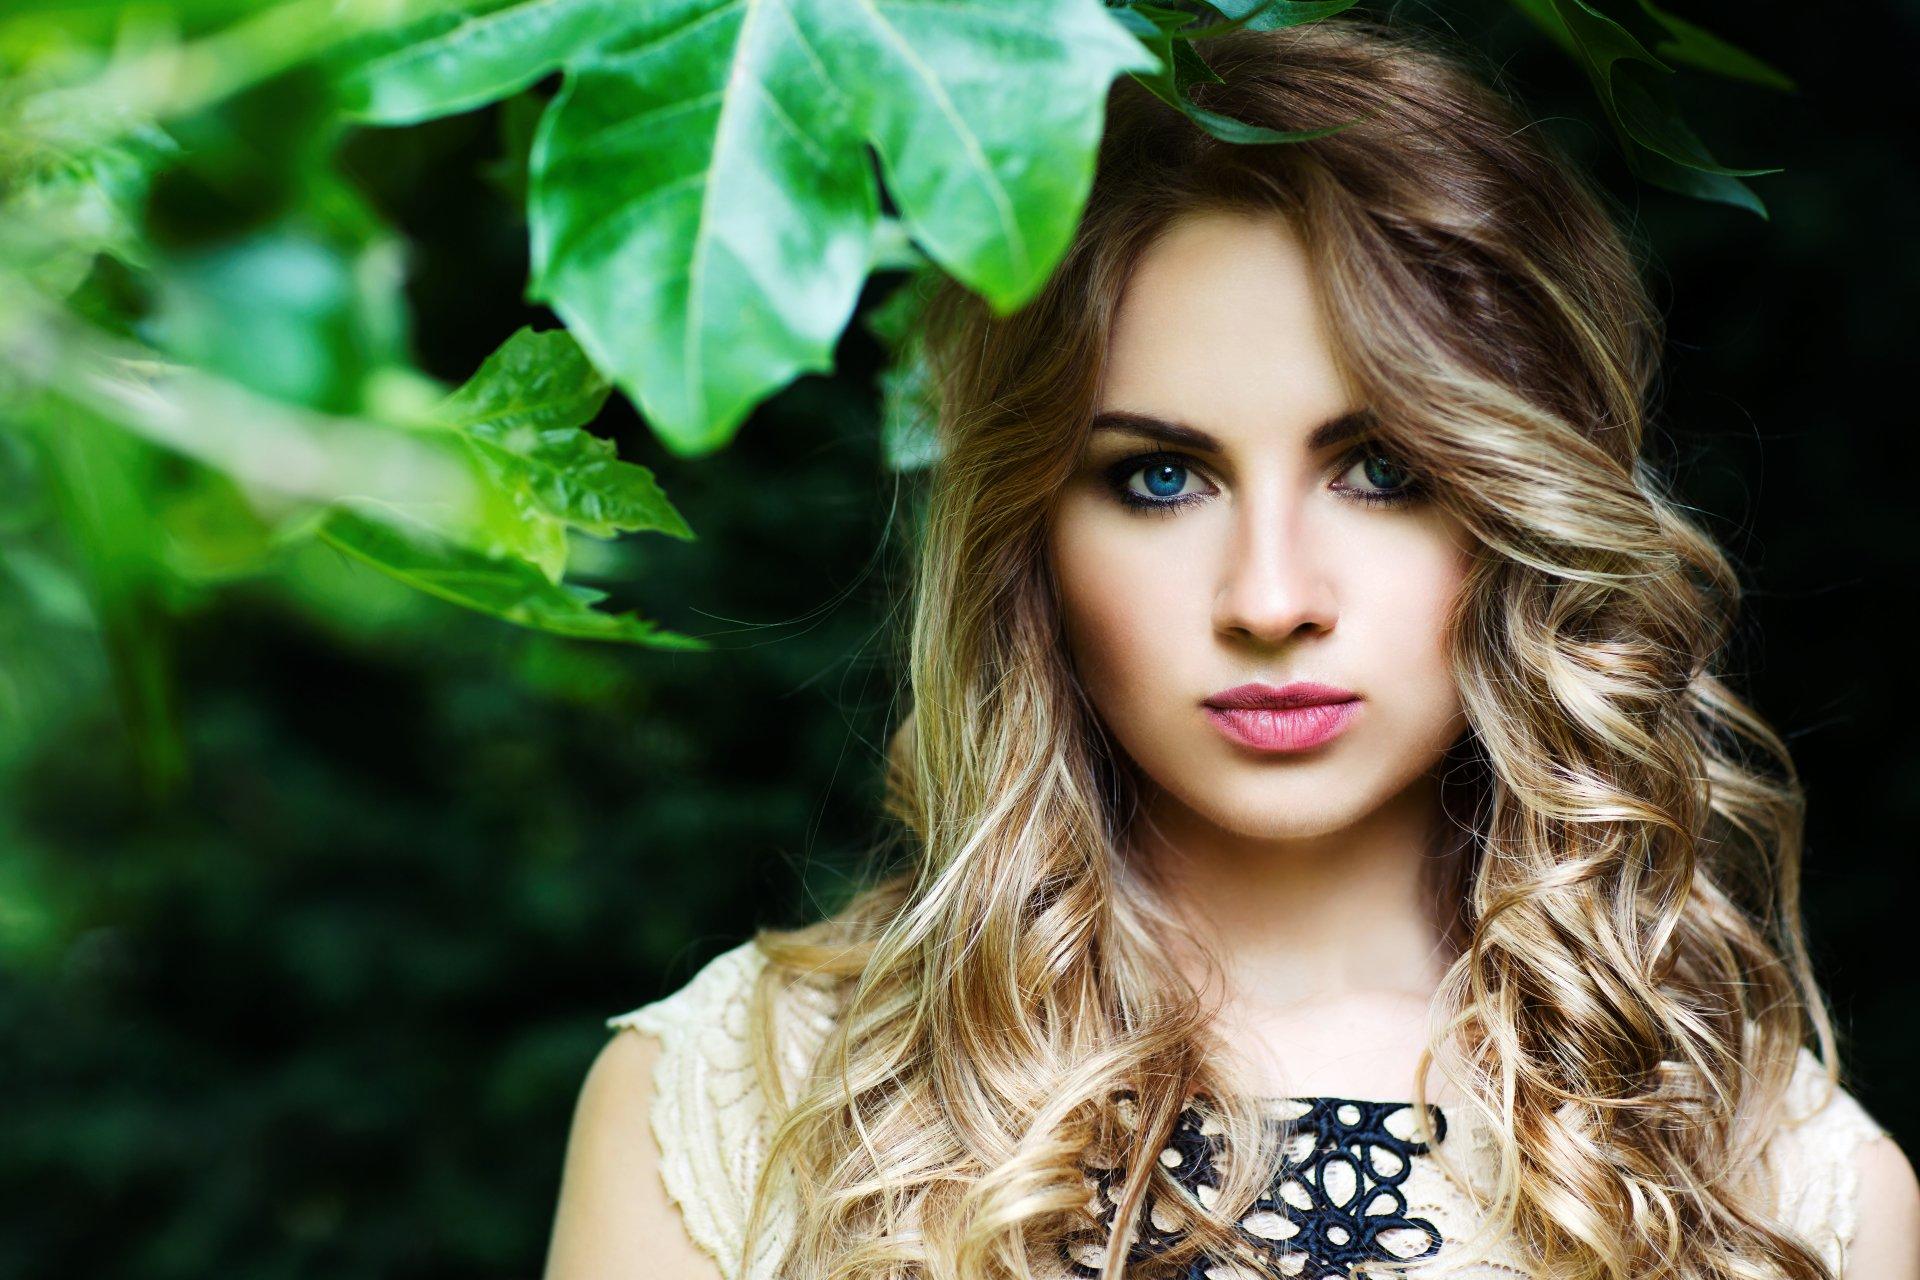 Women - Model  Woman Girl Leaf Outdoor Blue Eyes Wallpaper